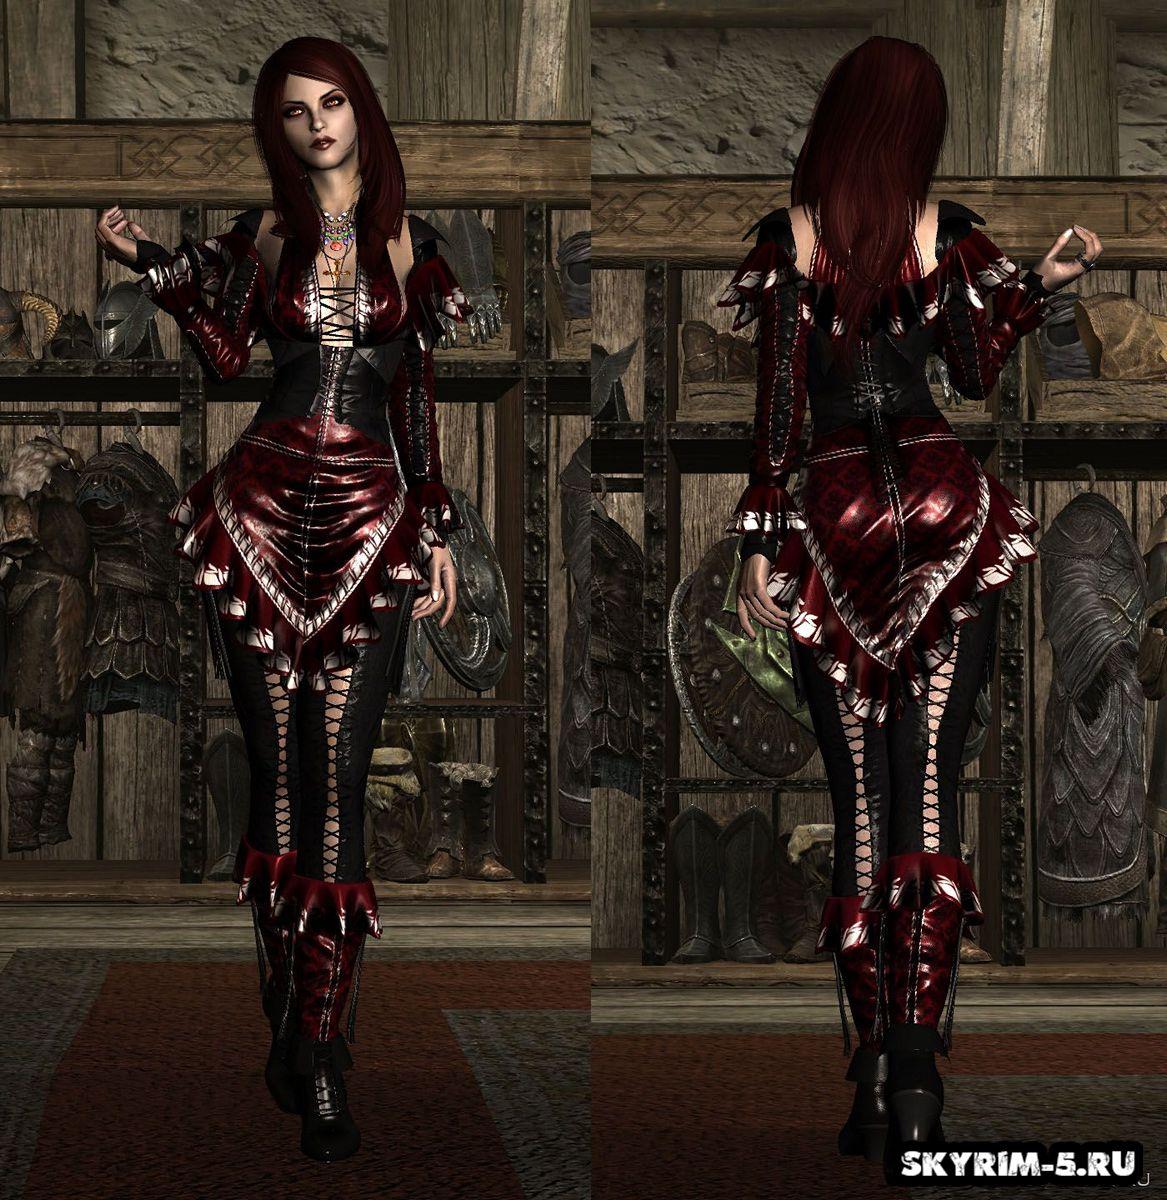 Одеяние мистической ВолшебницыМоды Скайрим > Броня и одежда Скайрим